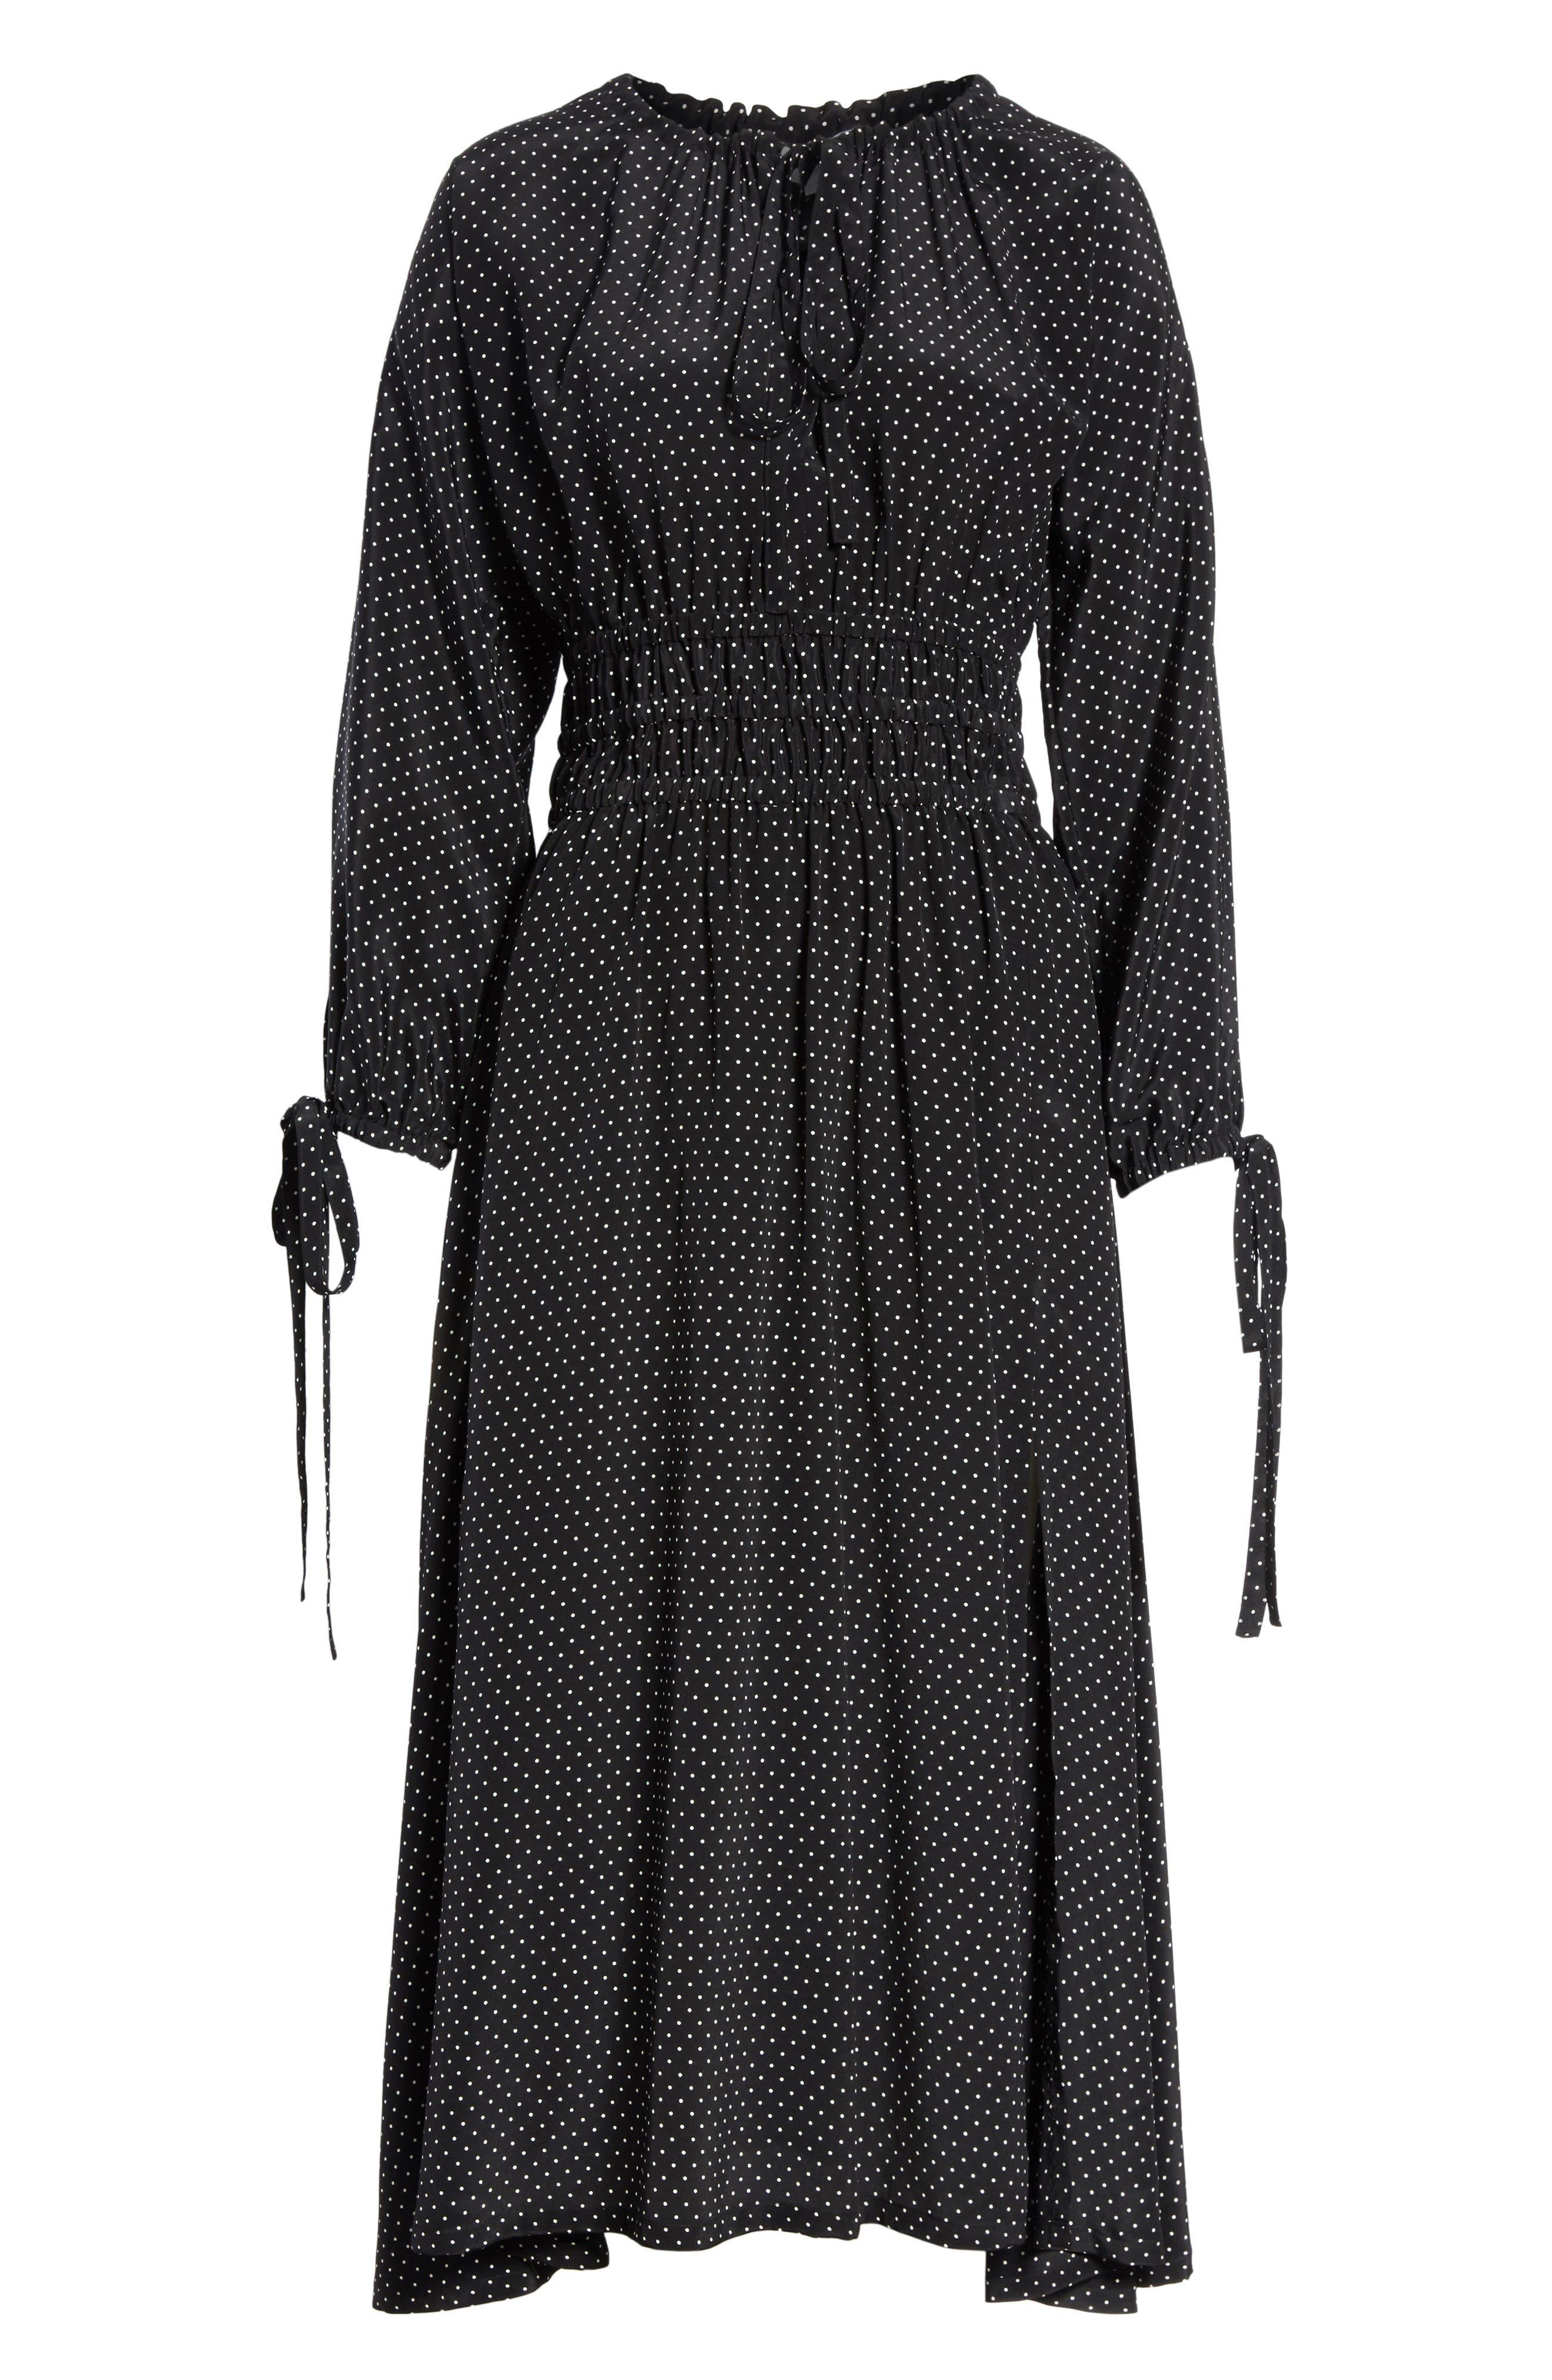 Polka Dot Silk Cold Shoulder Dress,                             Alternate thumbnail 6, color,                             001